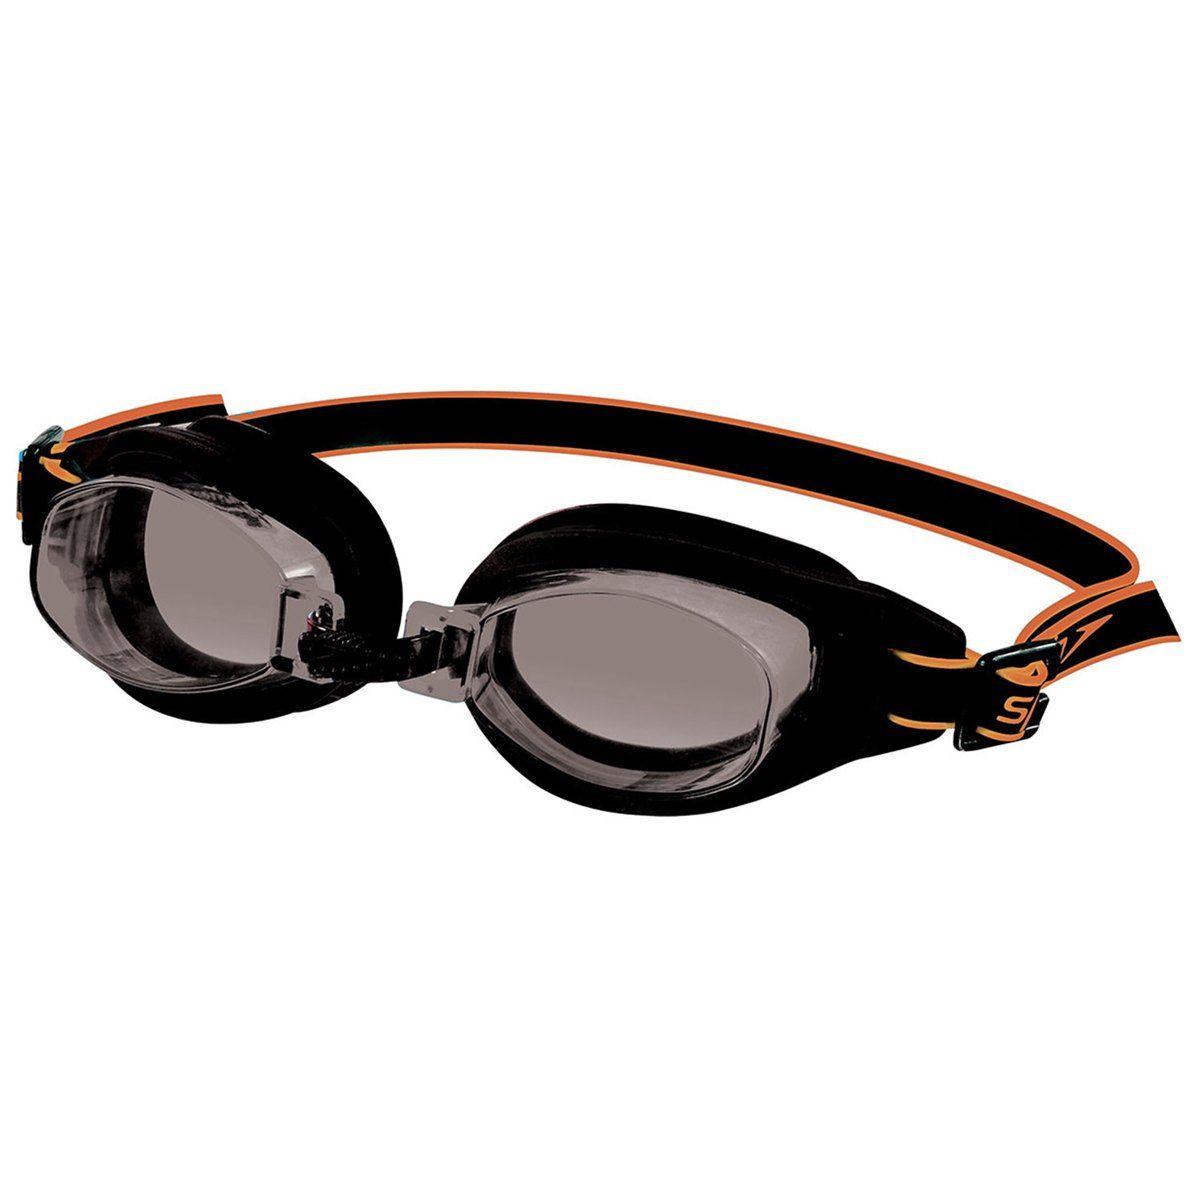 Óculos de Natação Speedo Freestyle 3.0 Preto Fume